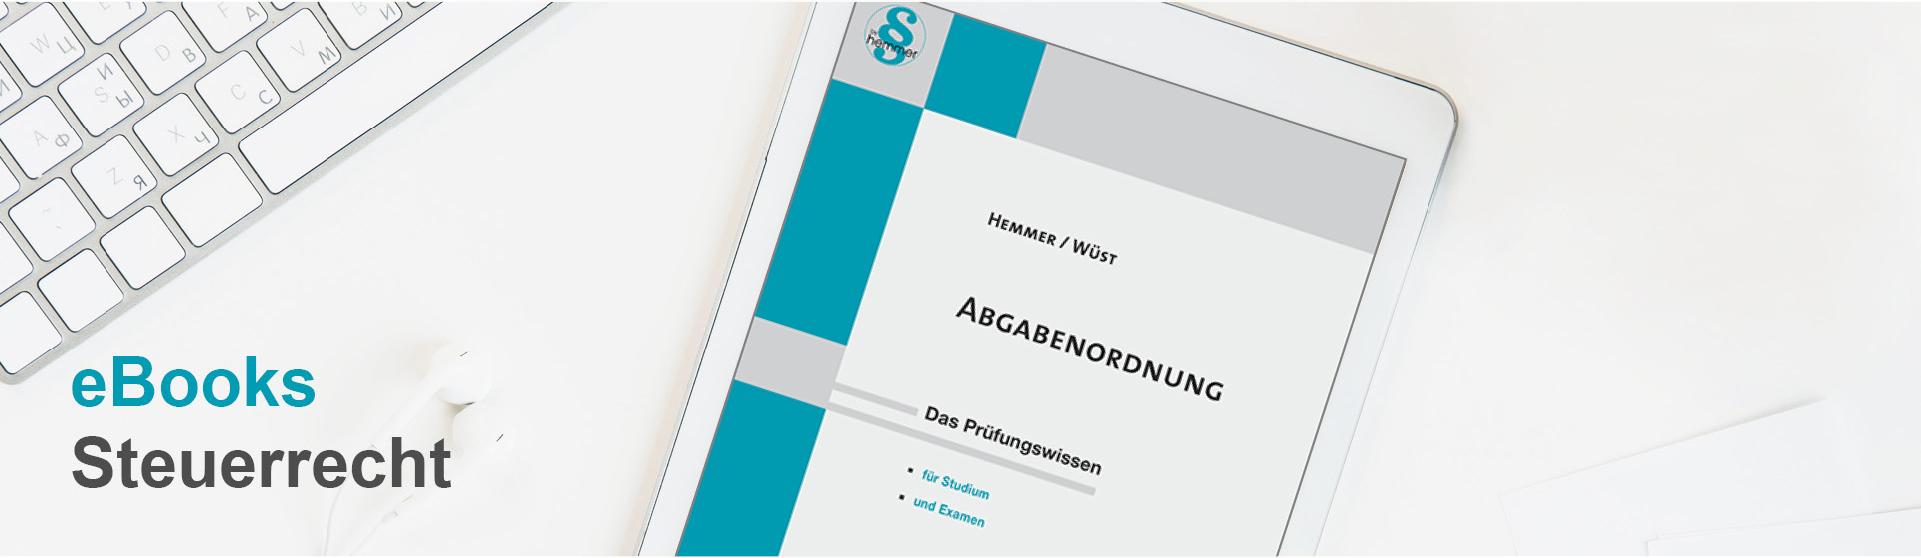 hemmer eBooks Steuerrecht